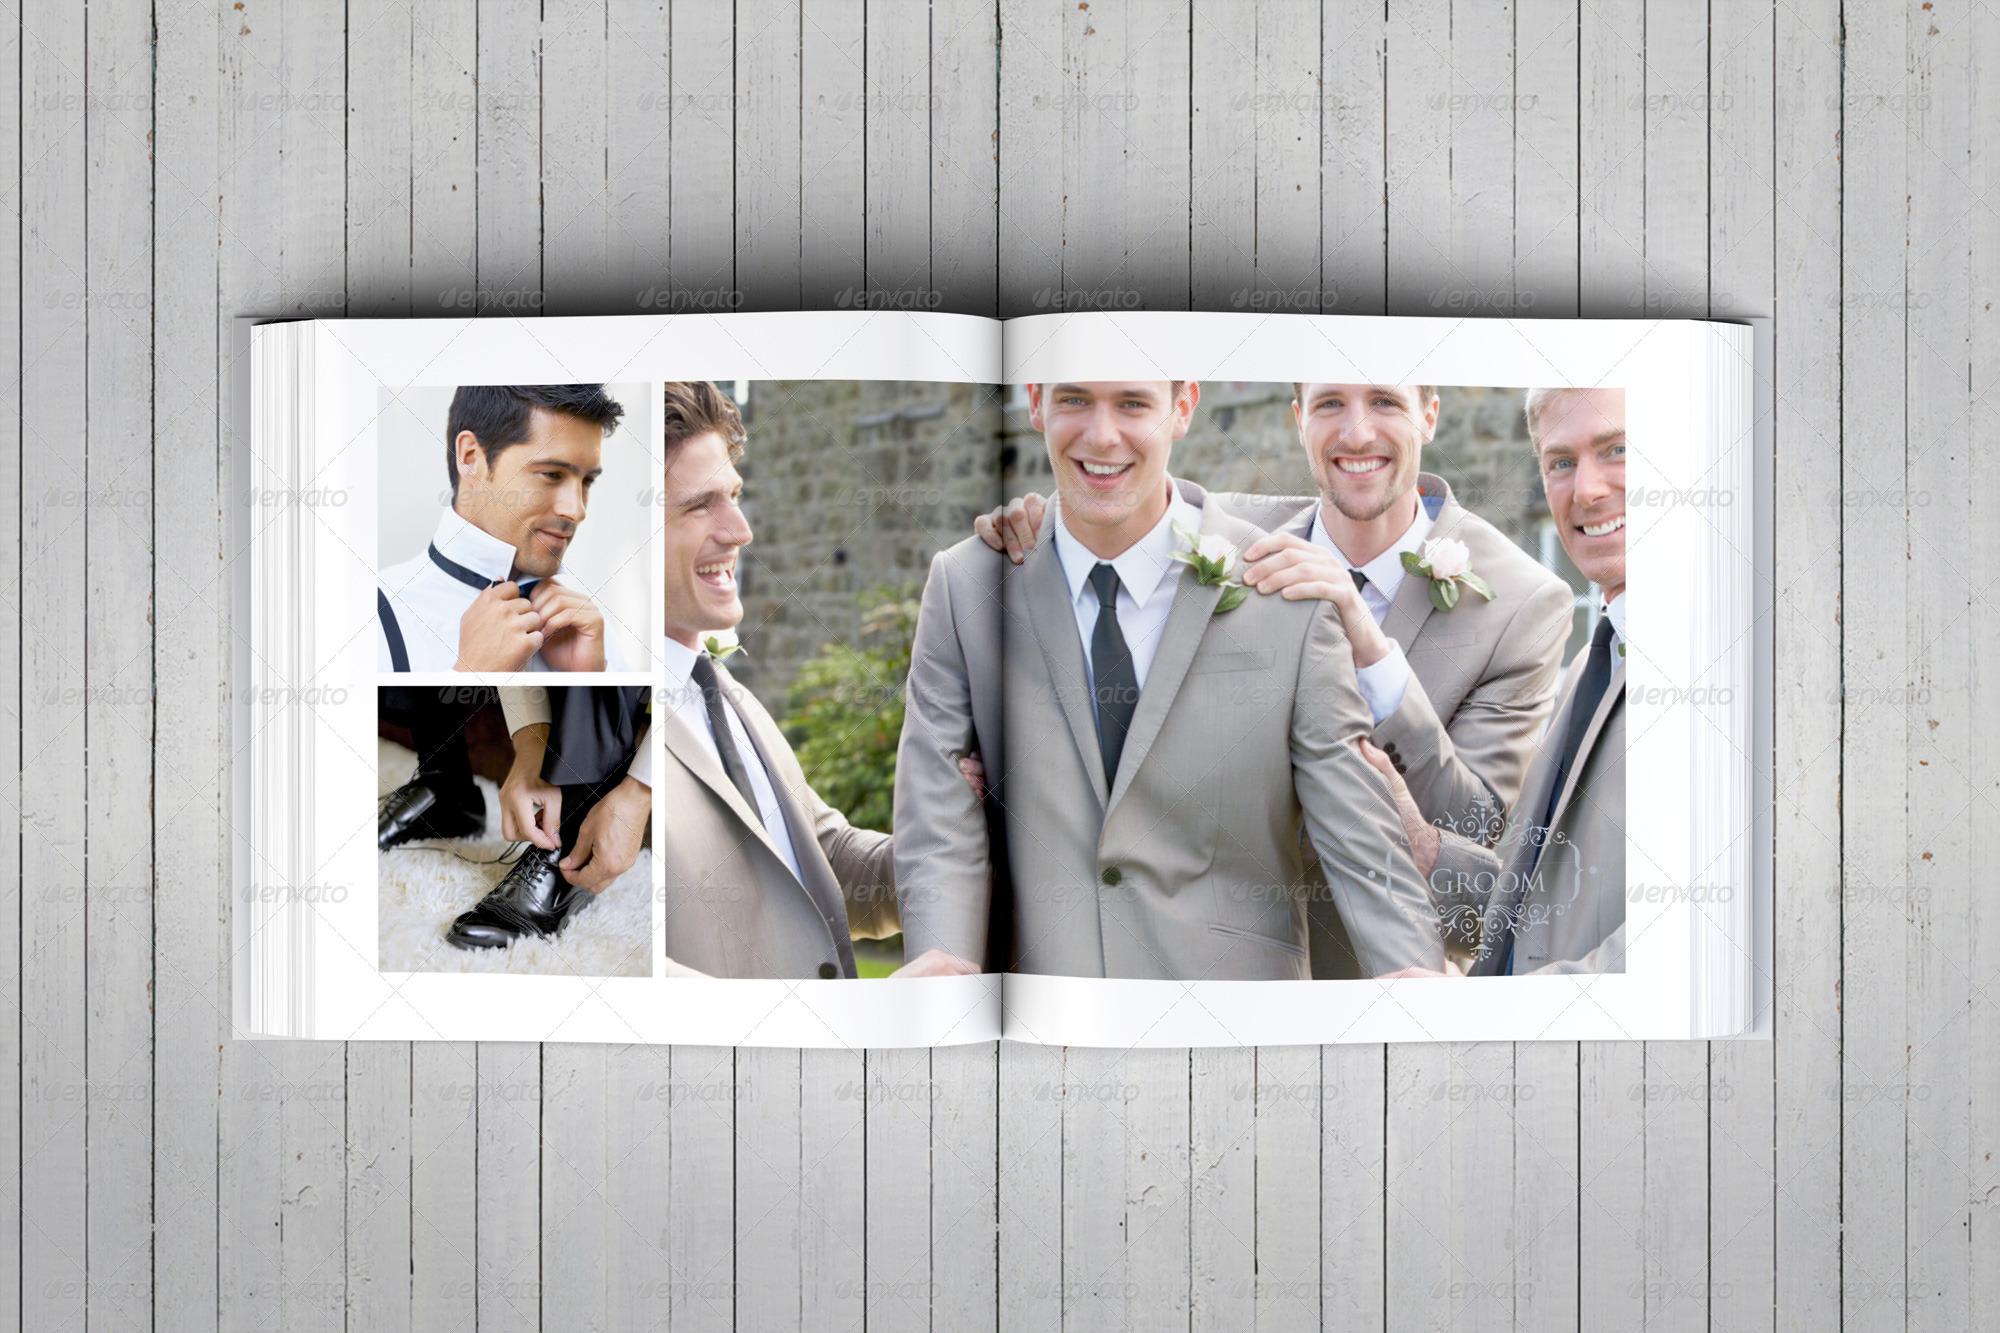 Unique Wedding Photo Album Design Templates Wedding